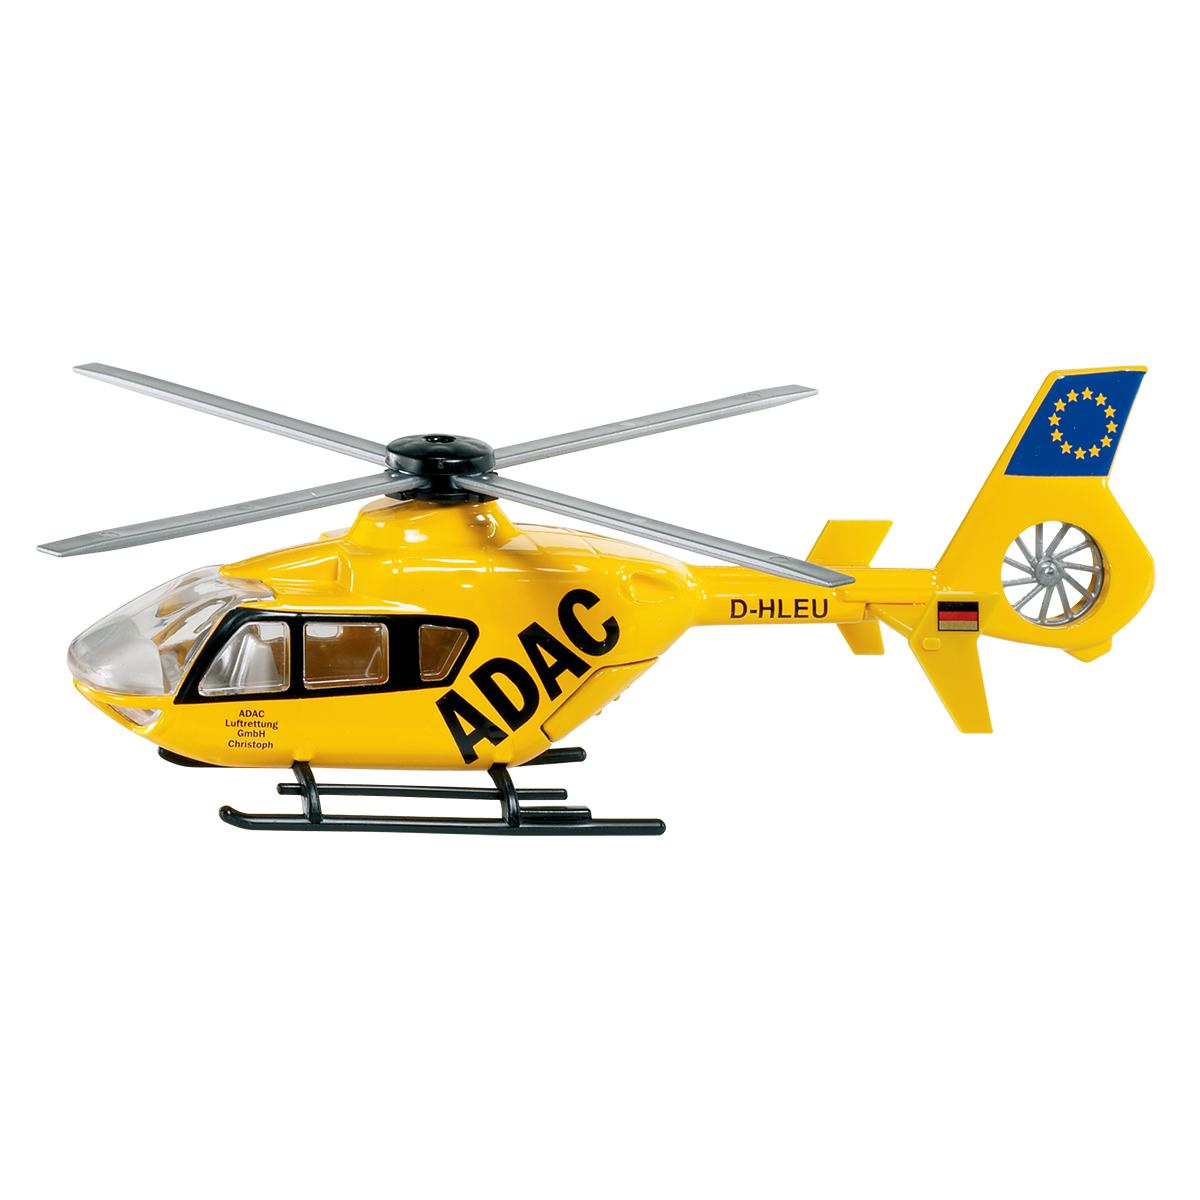 レスキューヘリコプター 1/55(ジク・SIKU)